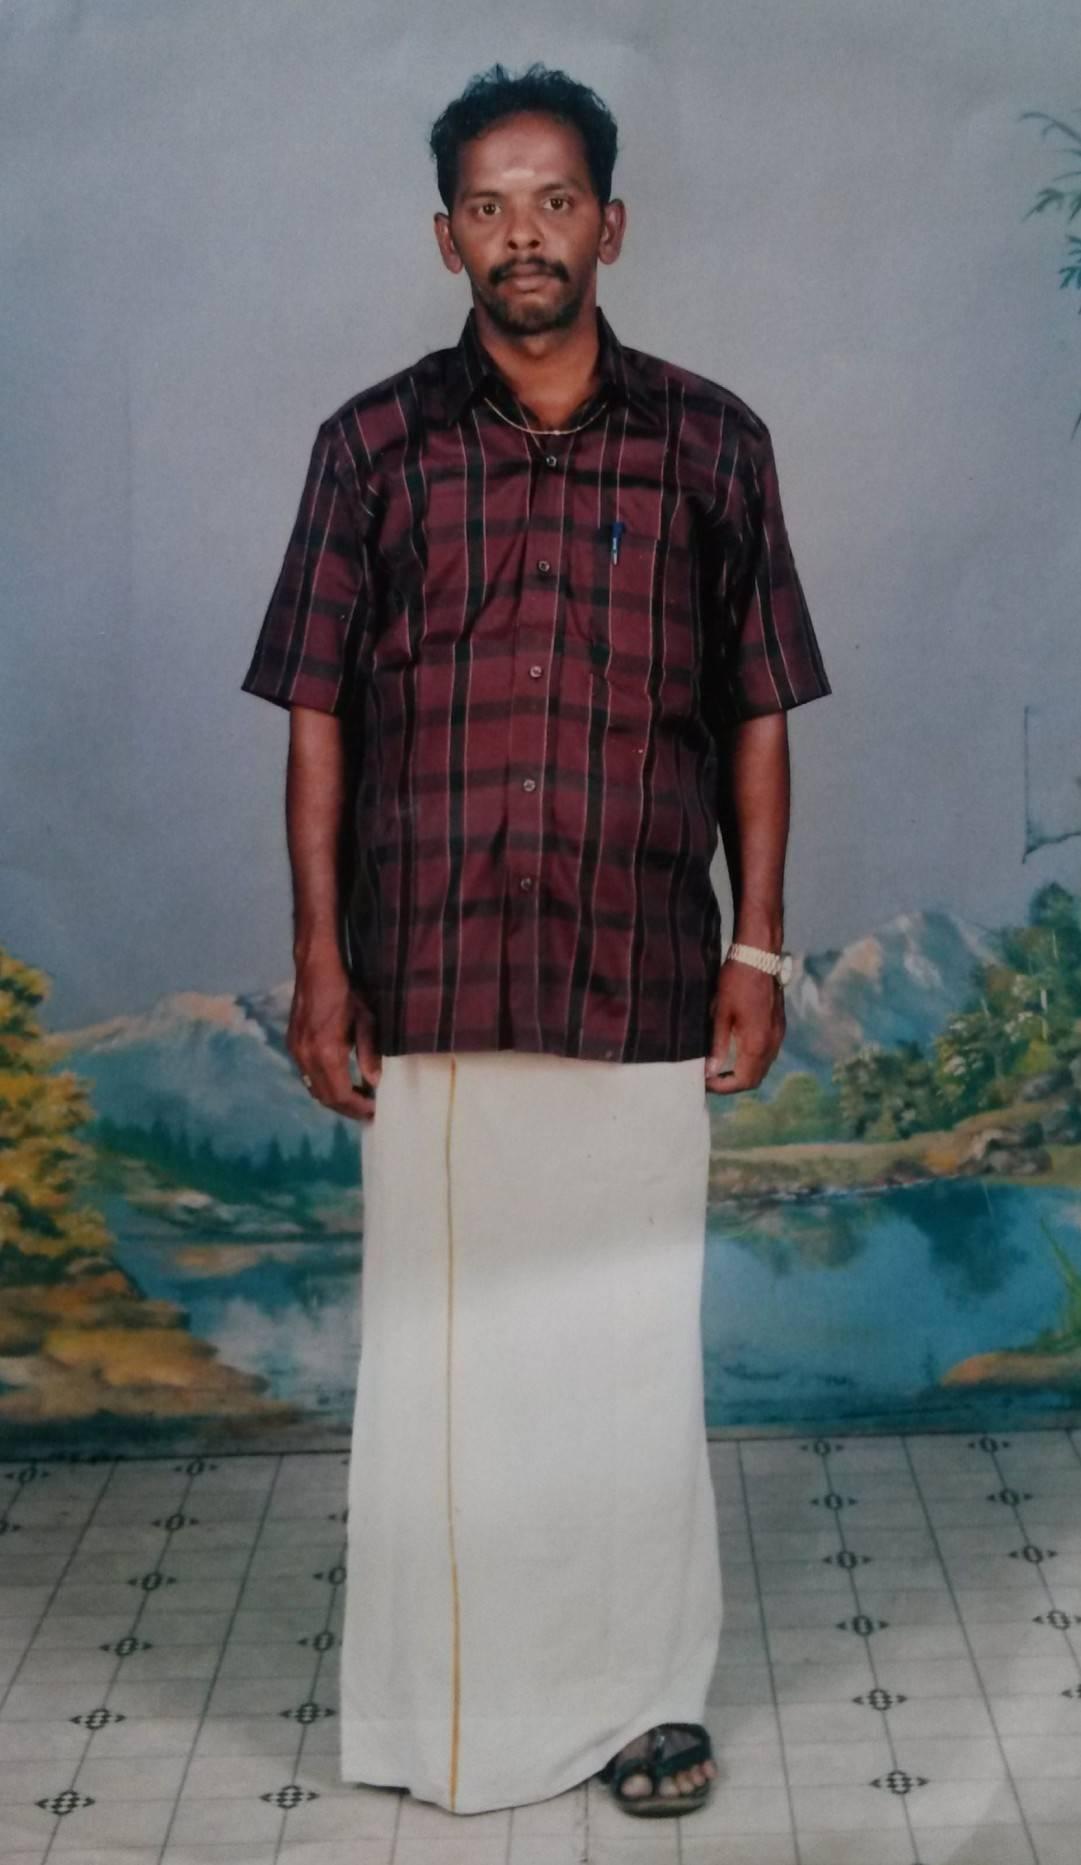 Mid age photo of Sivamathi.